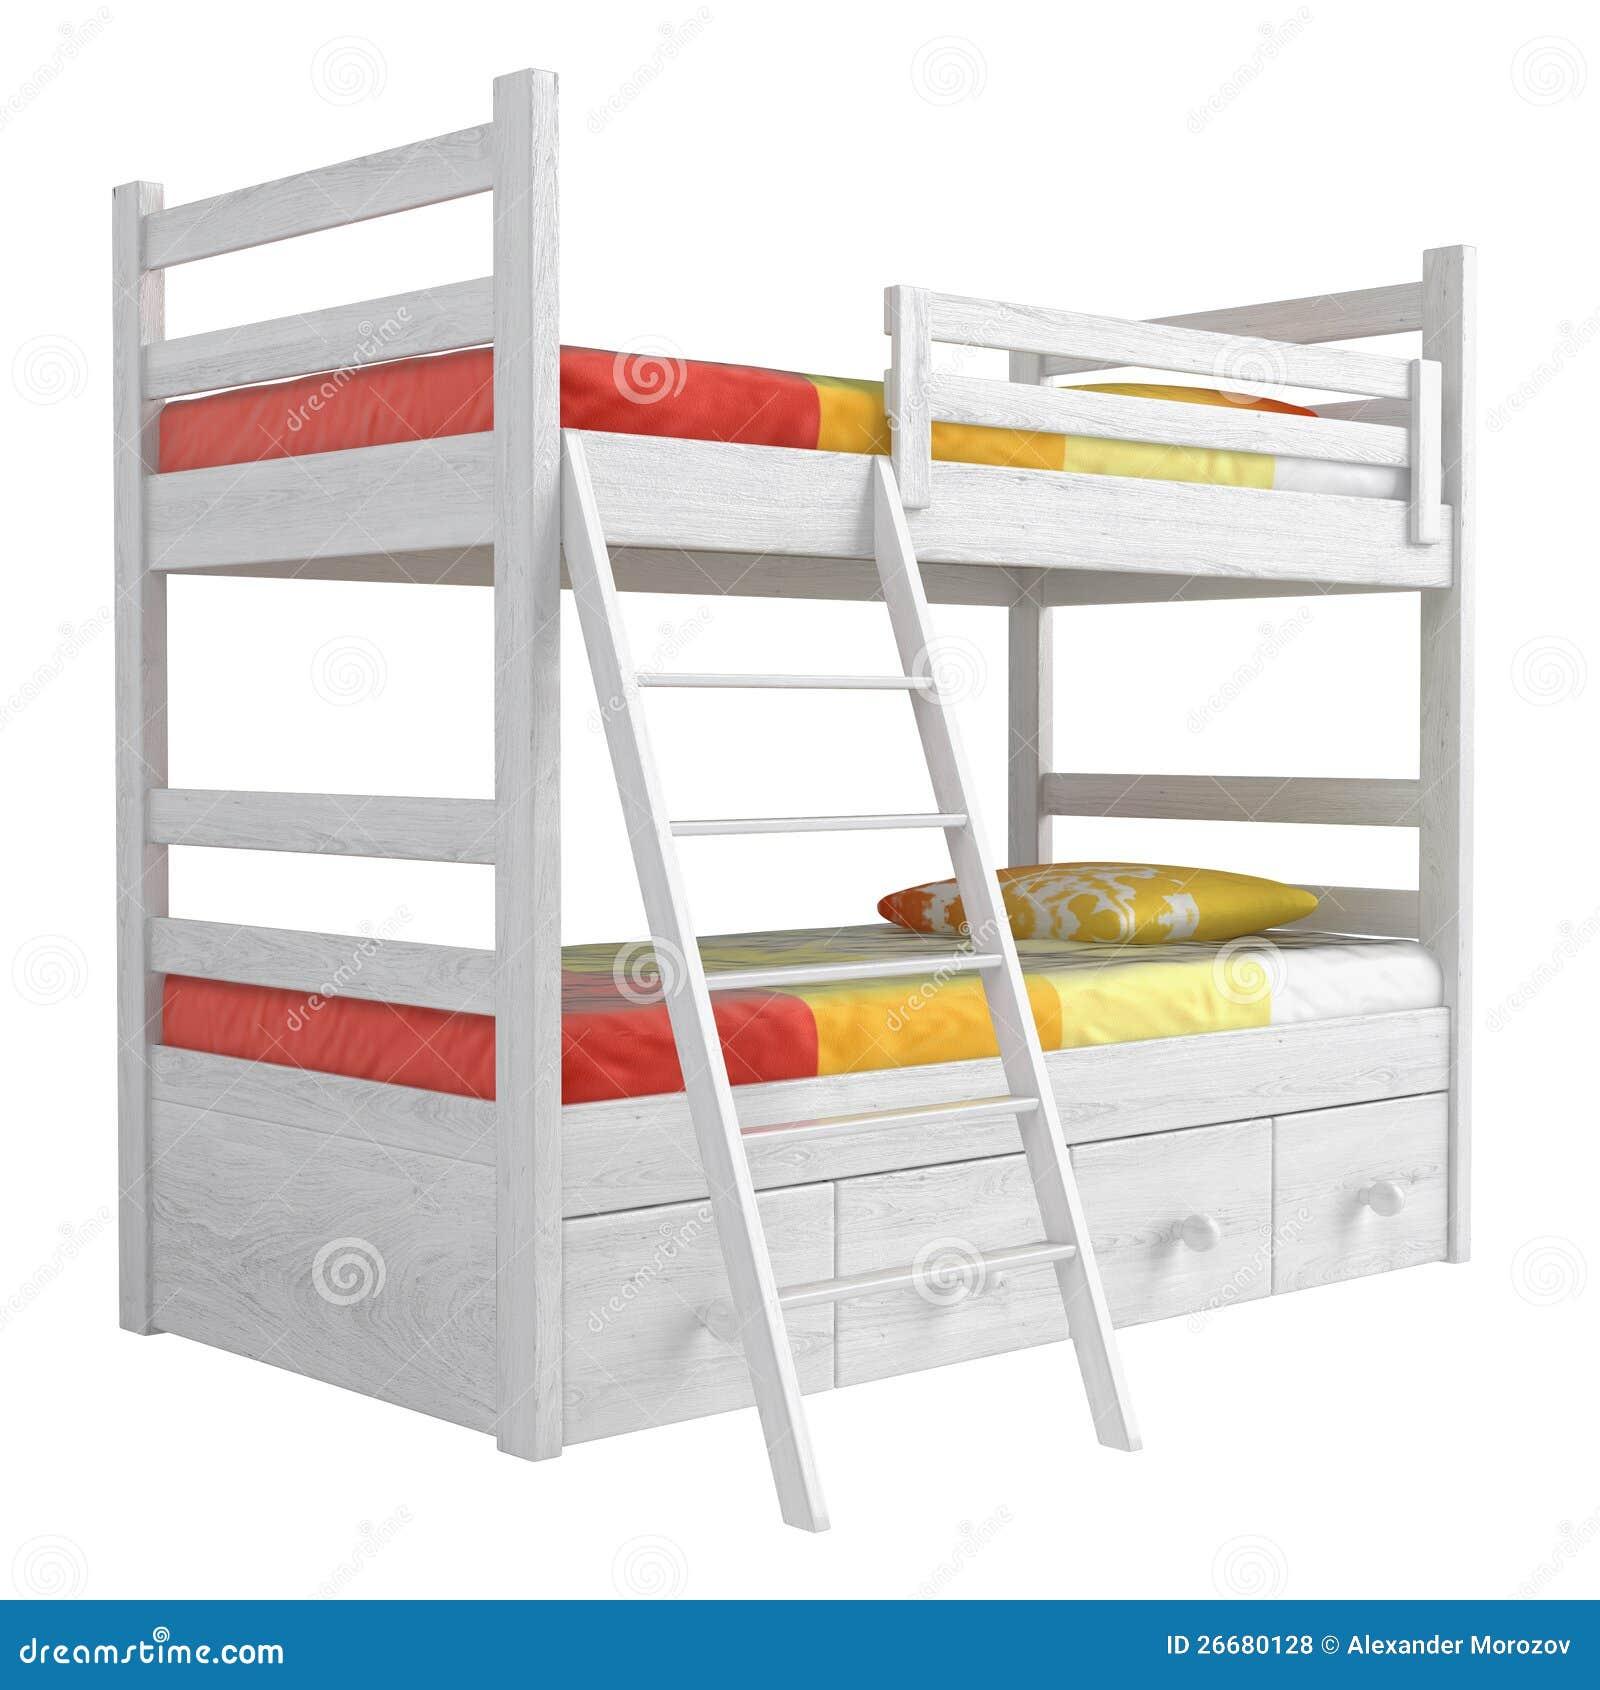 Stapelbed Met Dubbel Bed.Dubbel Stapelbed Stock Illustratie Illustratie Bestaande Uit Land